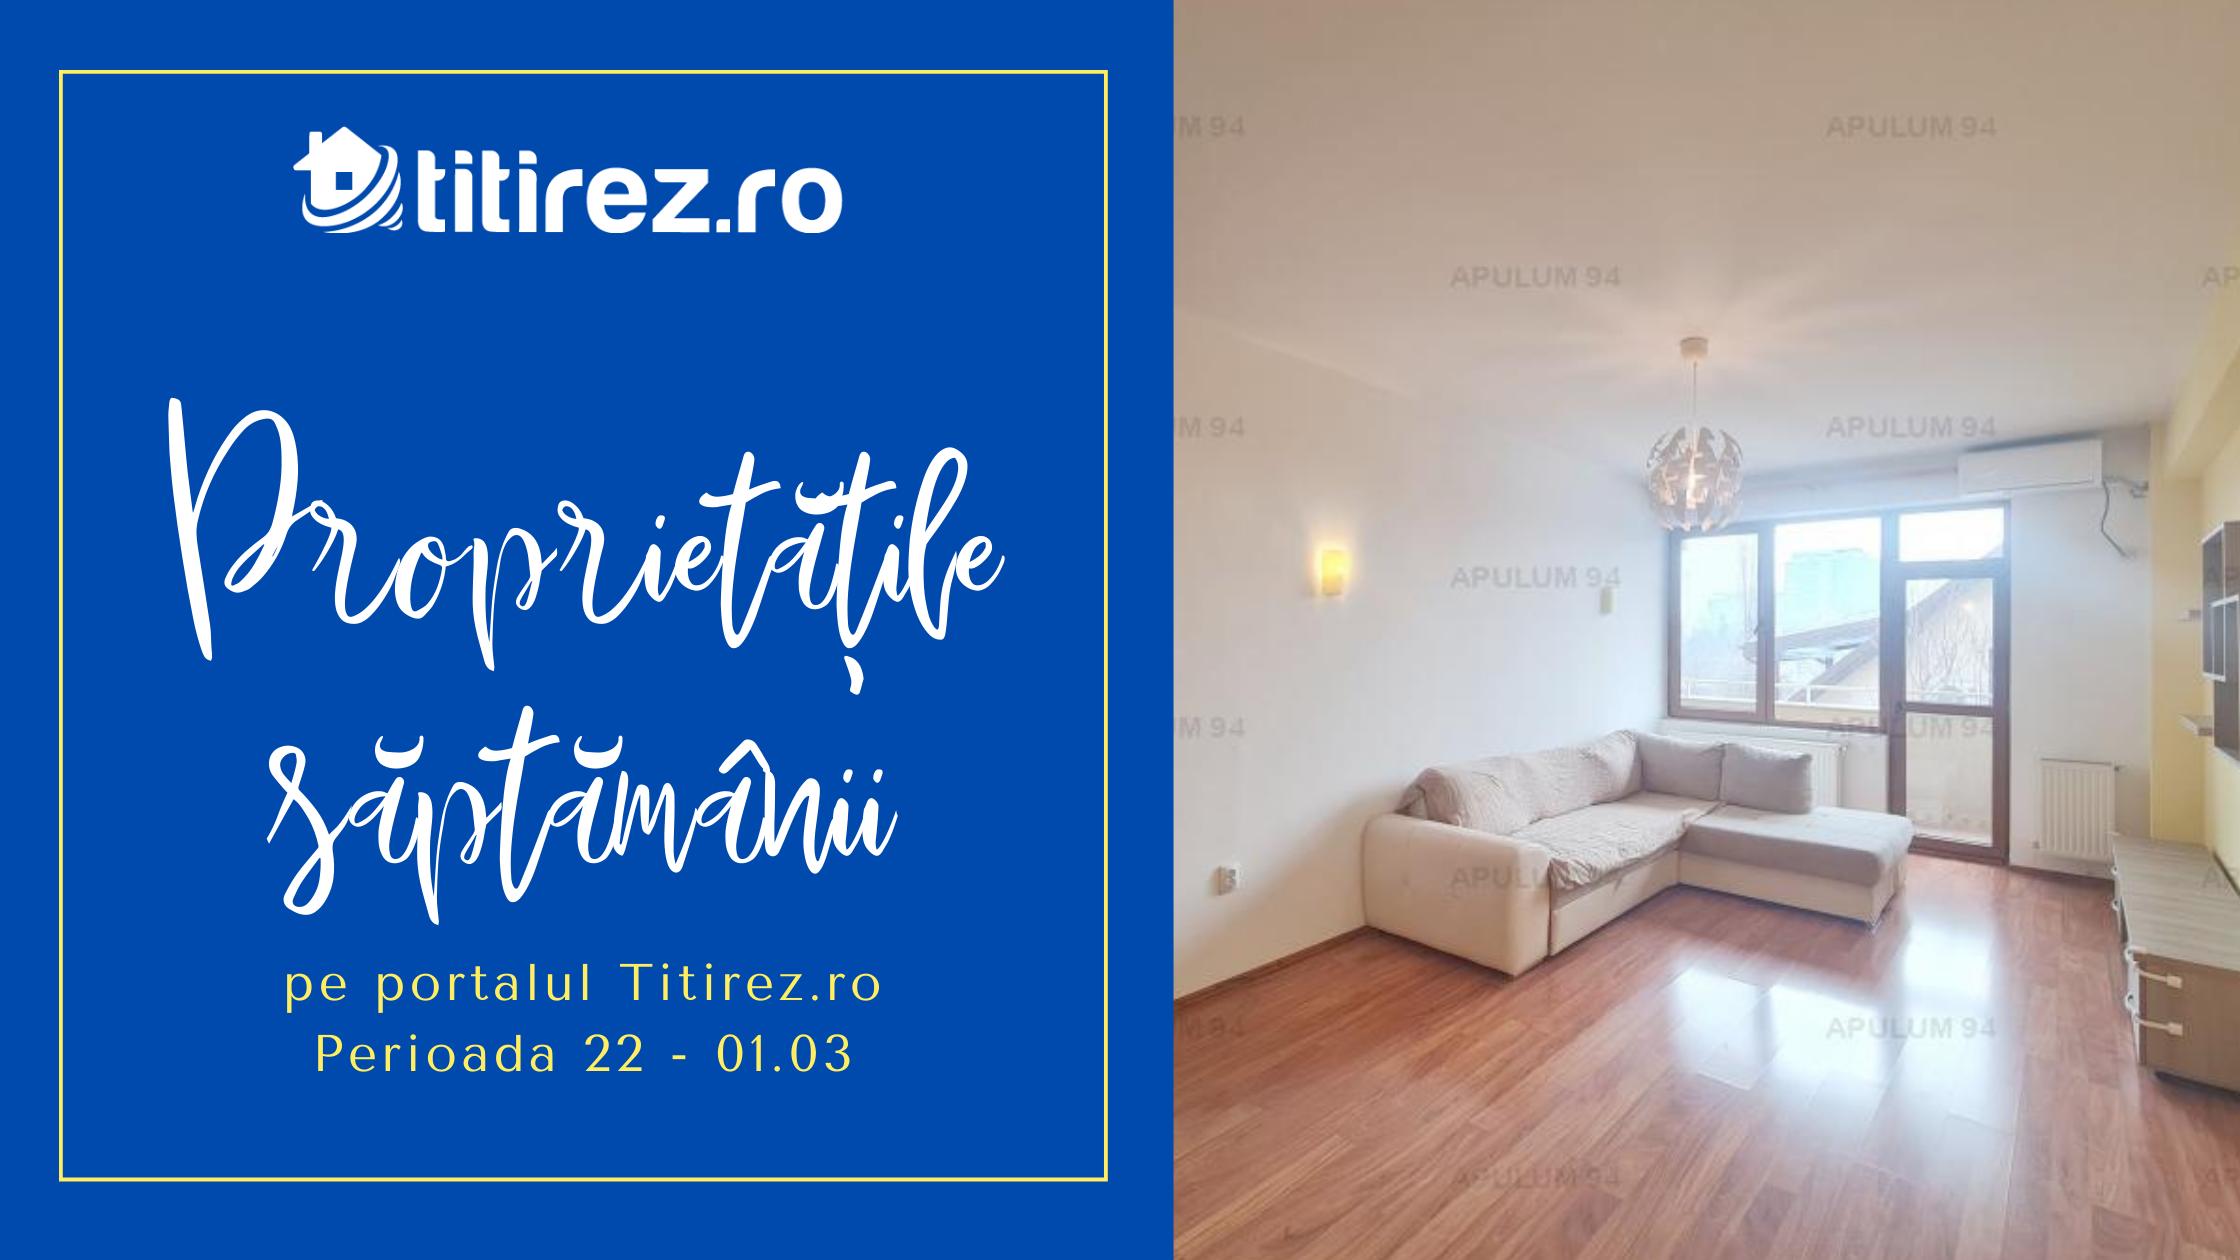 Ofertele imobiliare ale săptămânii pe portalul Titirez.ro - perioada 22 - 01.03 2021